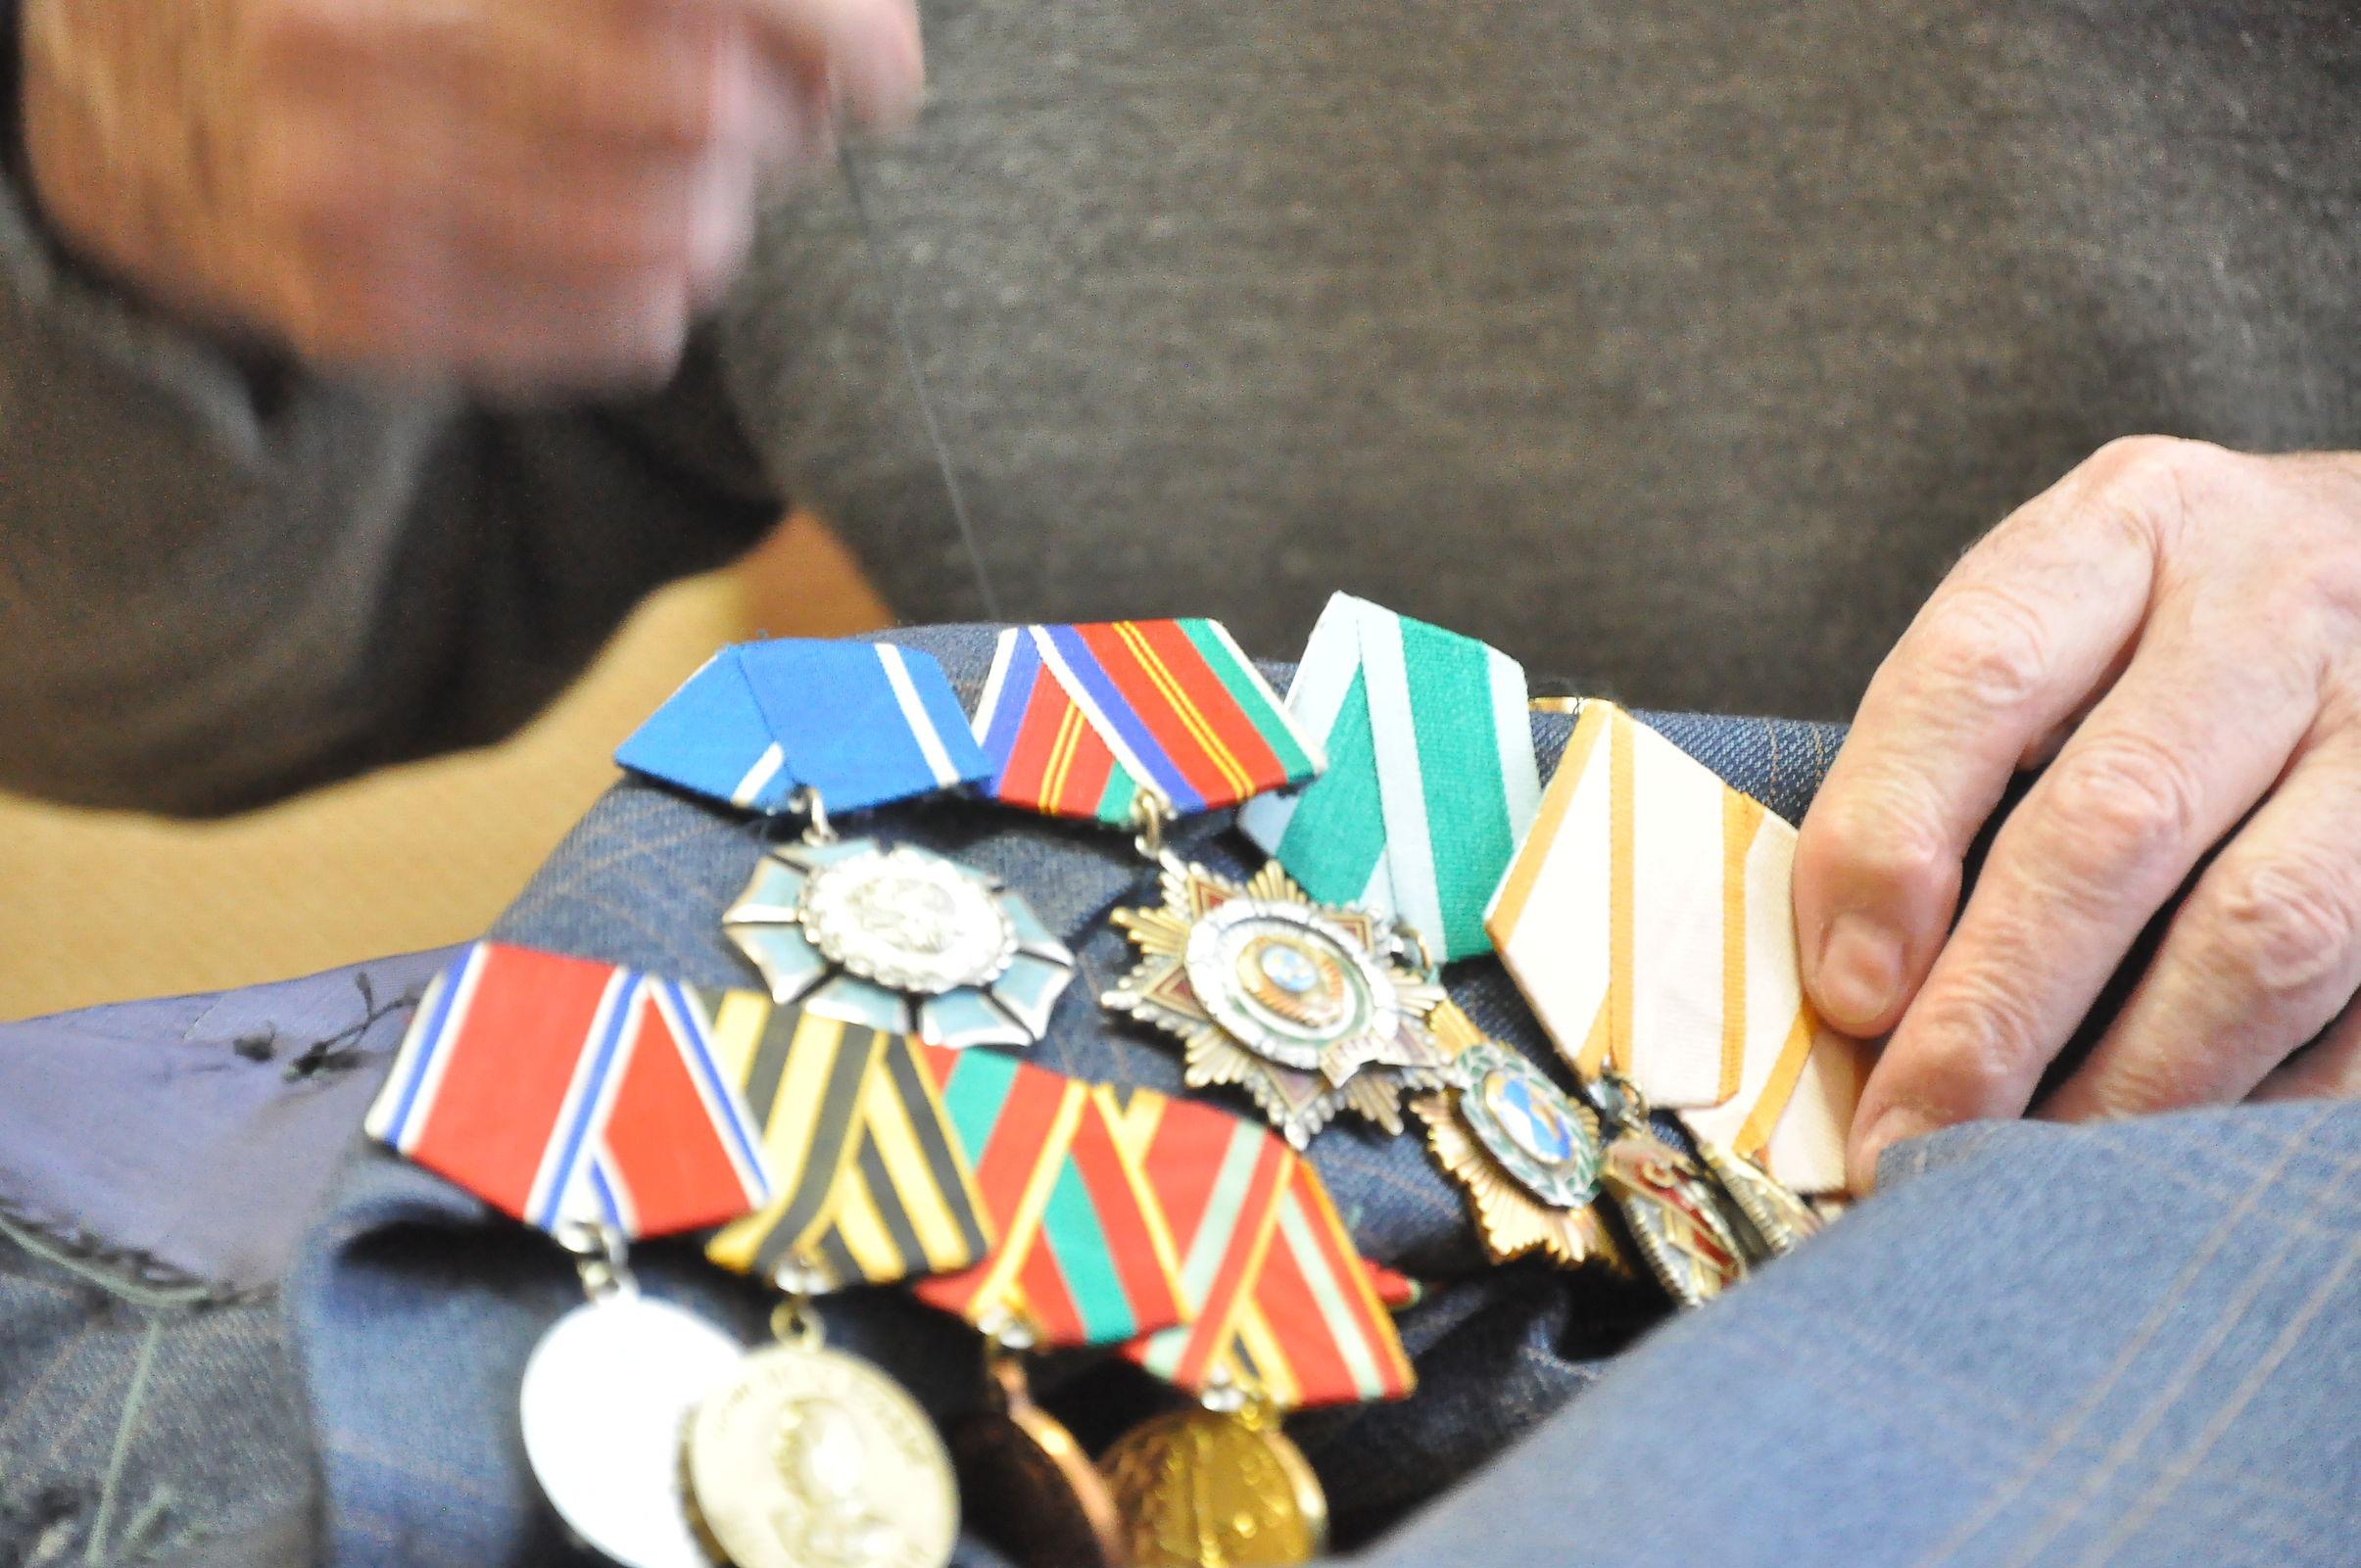 В Рыбинске у 79-летнего пенсионера украли медали, деньги и часы